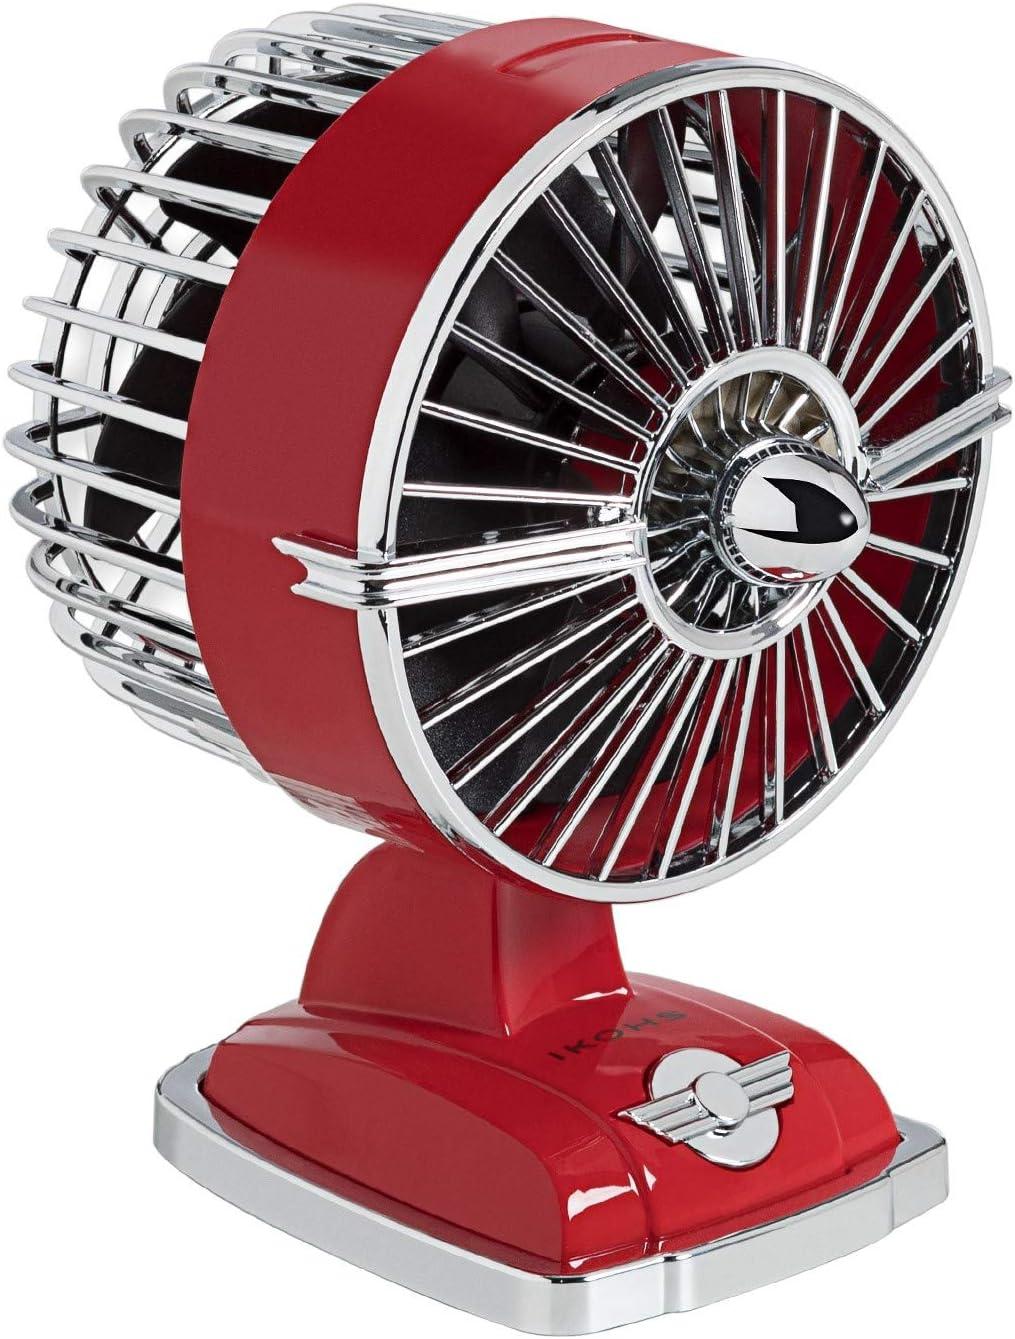 IKOHS Ventilador de Mesa Retro Line VT1511-IK USB 1.5W Rojo ...